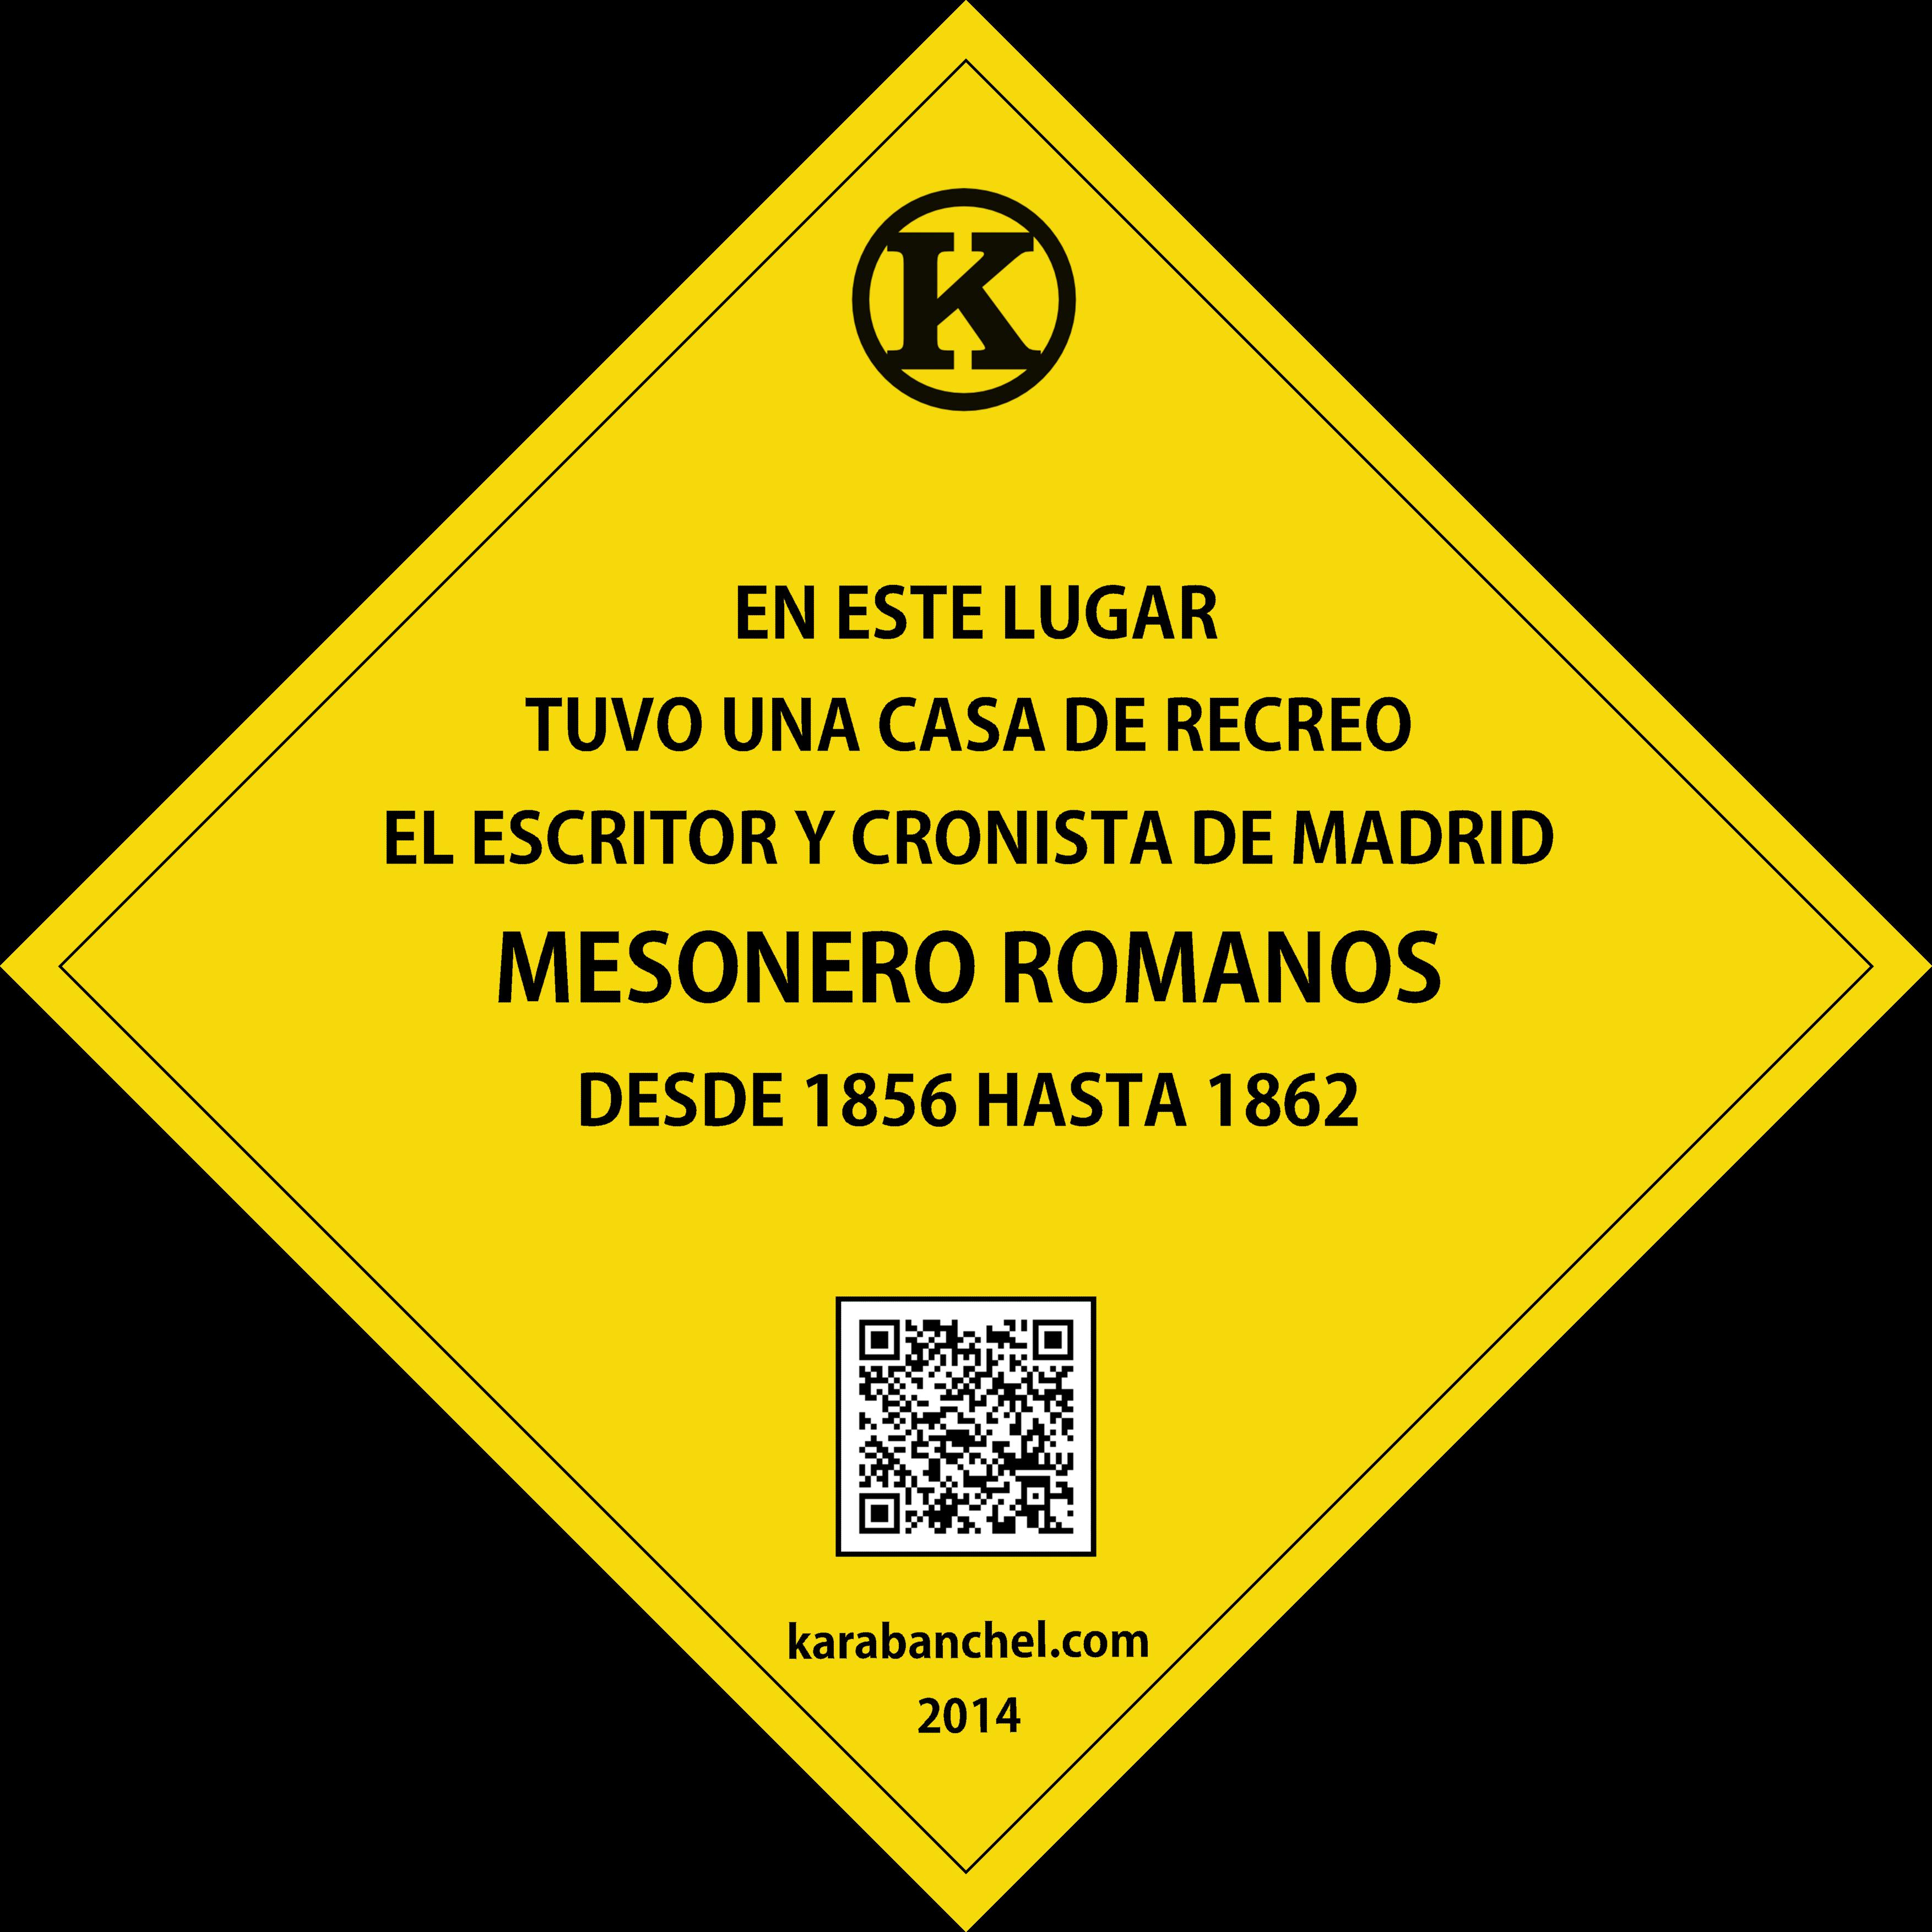 Casa de recreo de Mesonero Romanos | Karabanchel.com